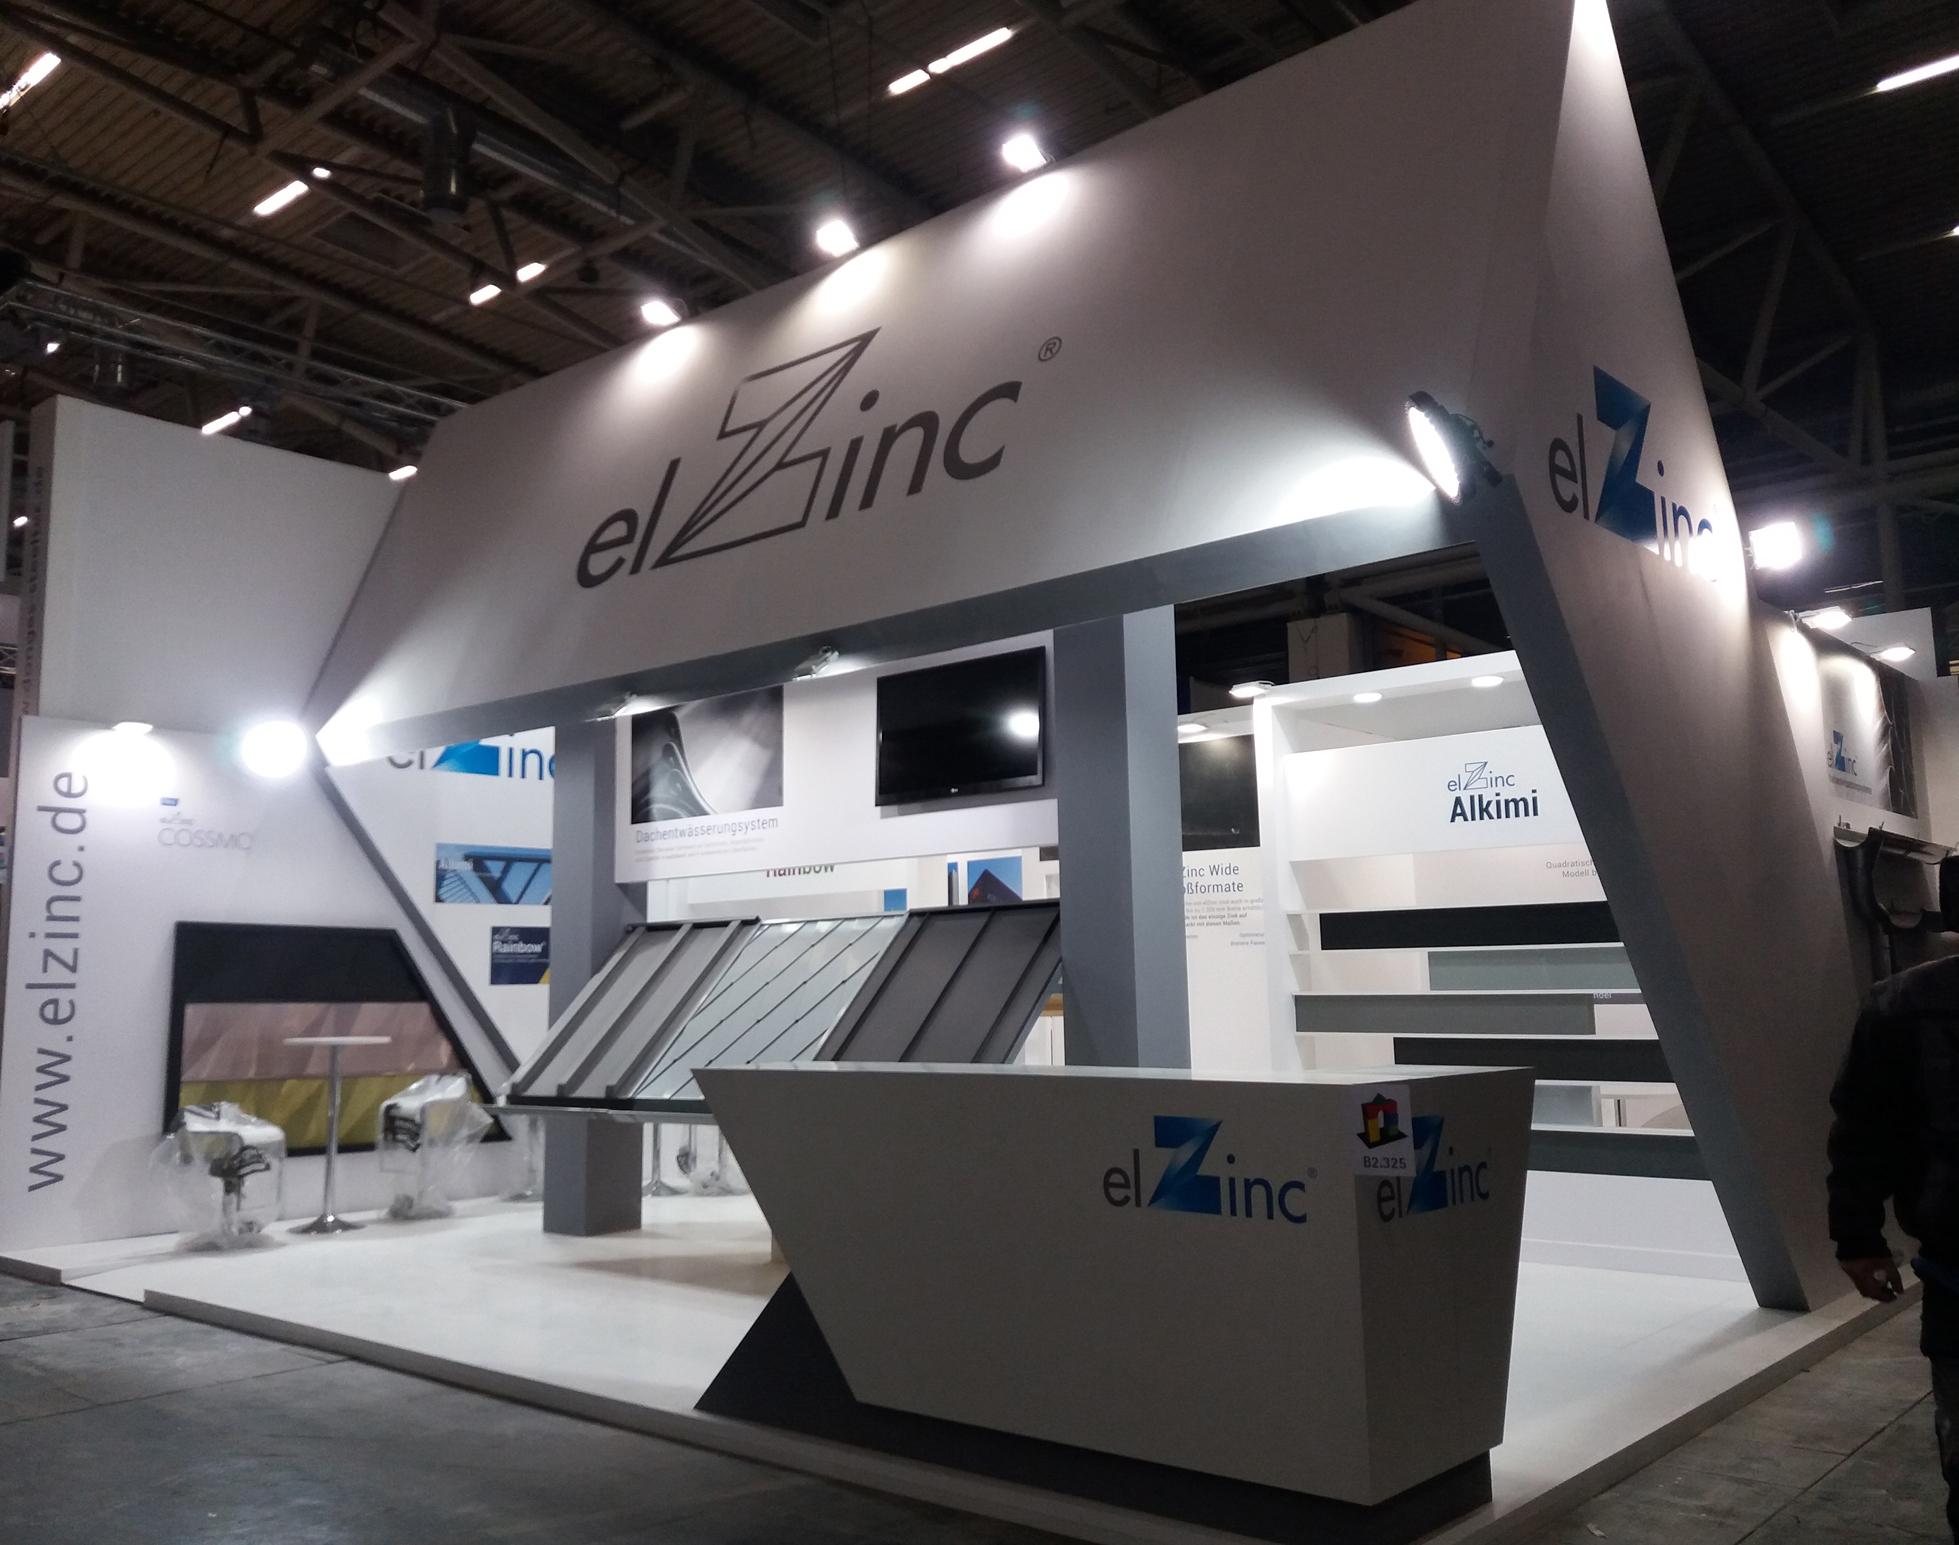 stand-el-zinc-feria-bau-munich-2019-01